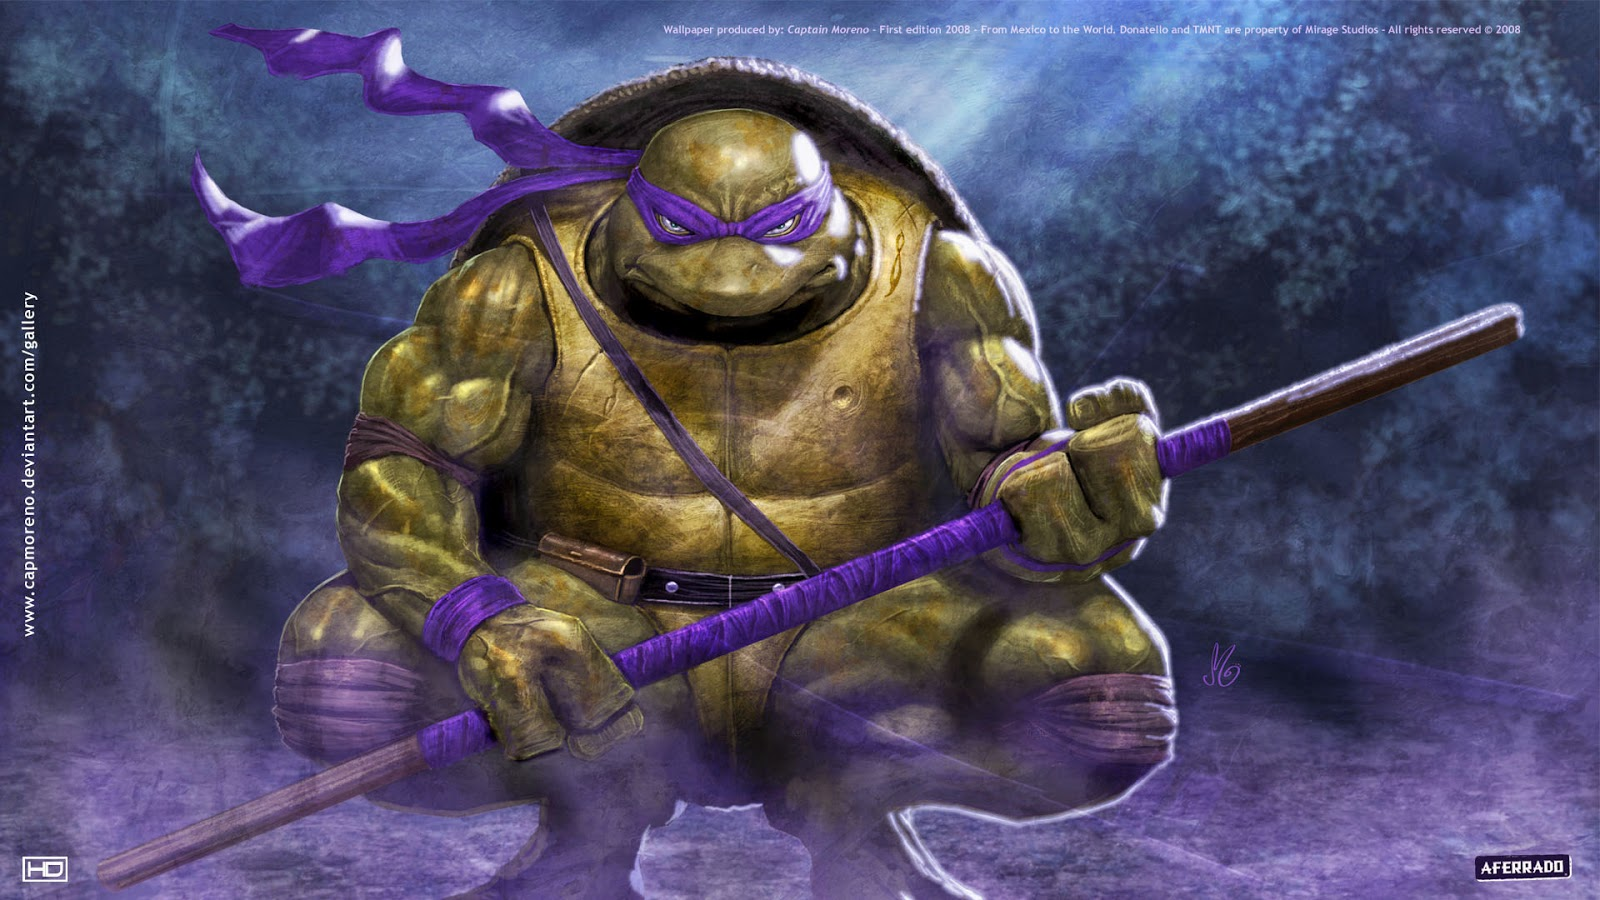 http://1.bp.blogspot.com/-PZ5ZcdARYew/ULN4DgcW6JI/AAAAAAAAA98/k-FLpBzB8Rw/s1600/purple-teenage-mutant-ninja-turtles-donatello-1920x1080-wallpaper.jpg